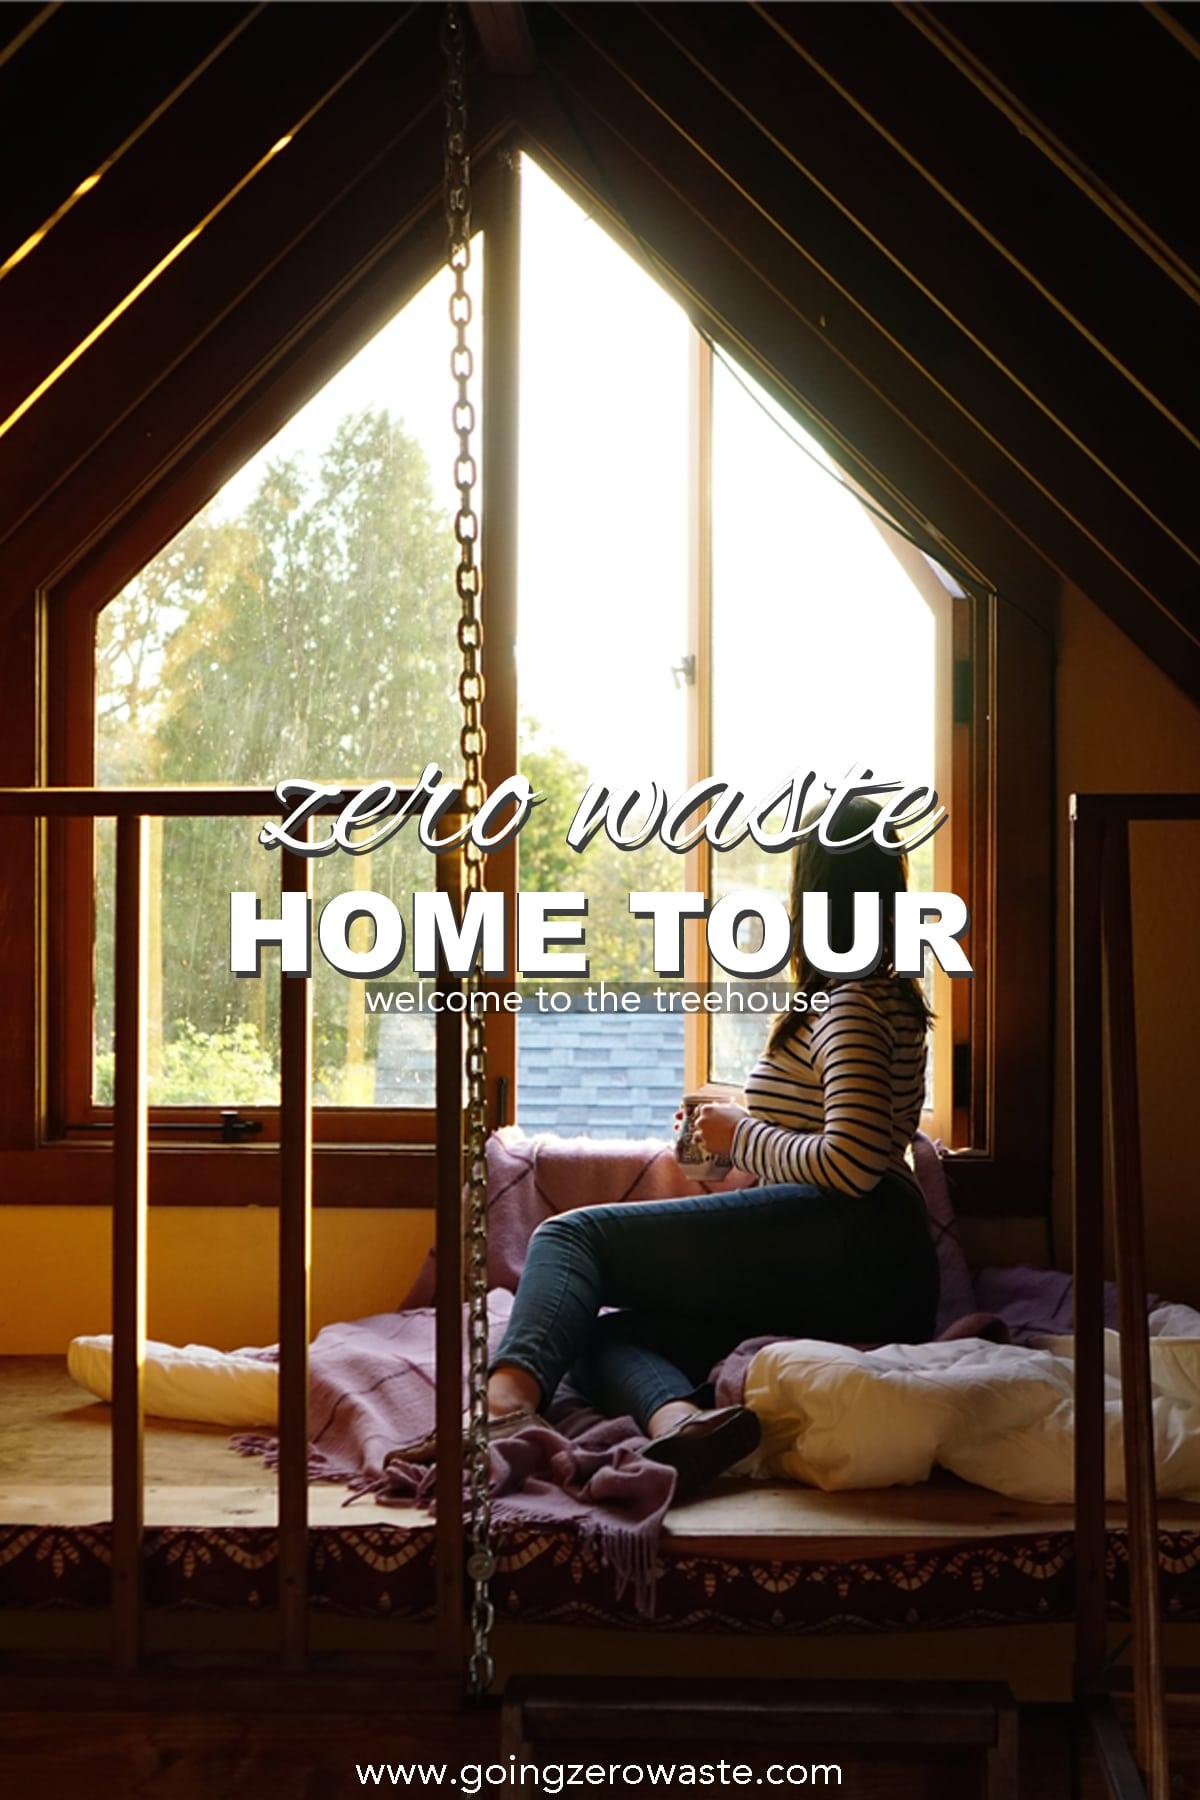 Zero Waste Home Tour - Treehouse Edition